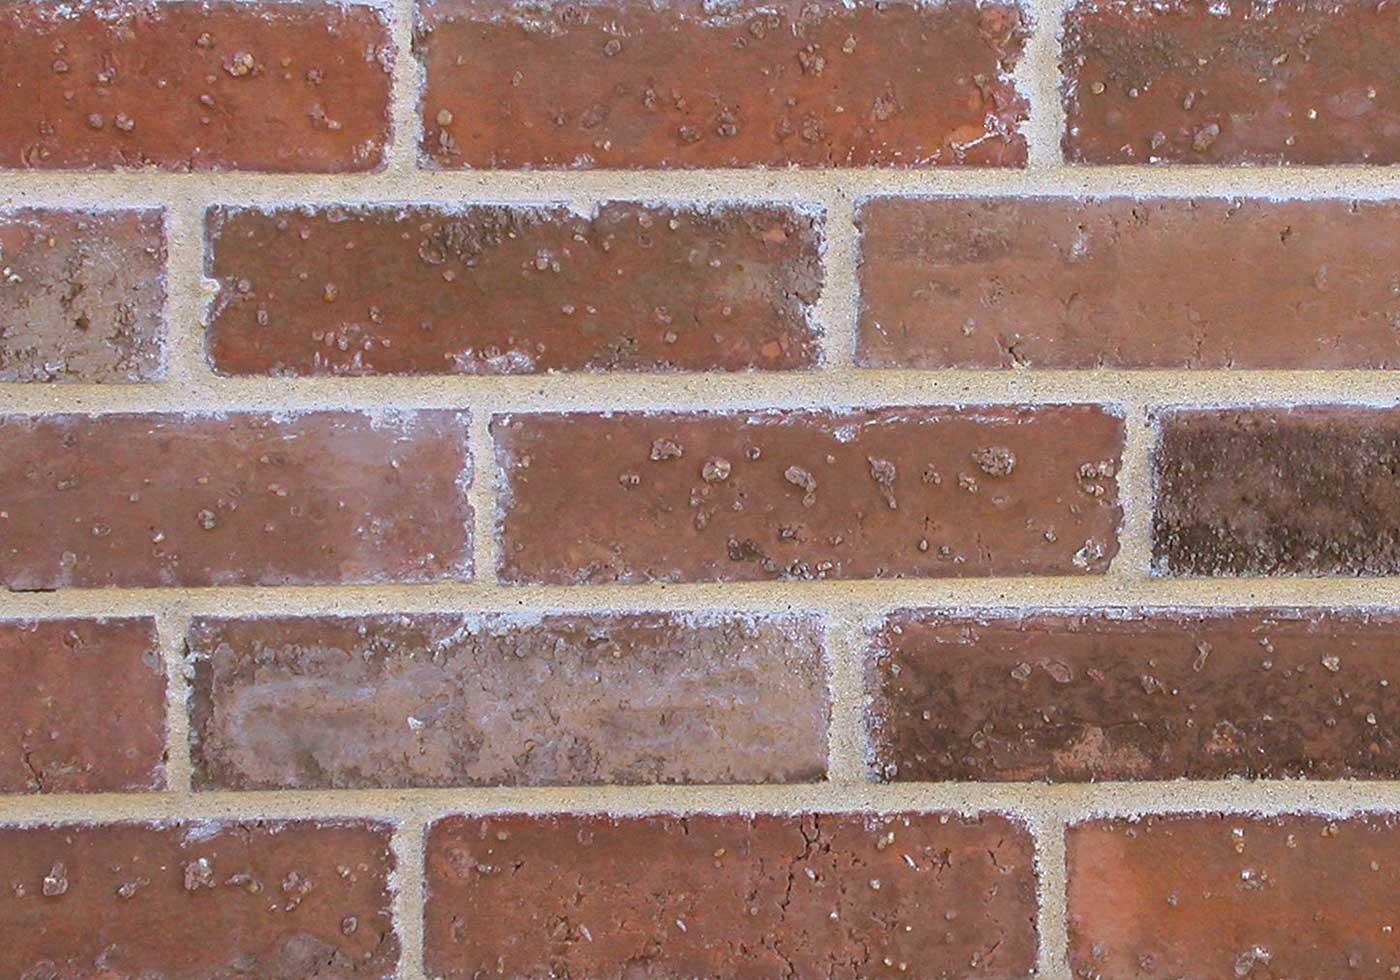 Prescott brick close-up